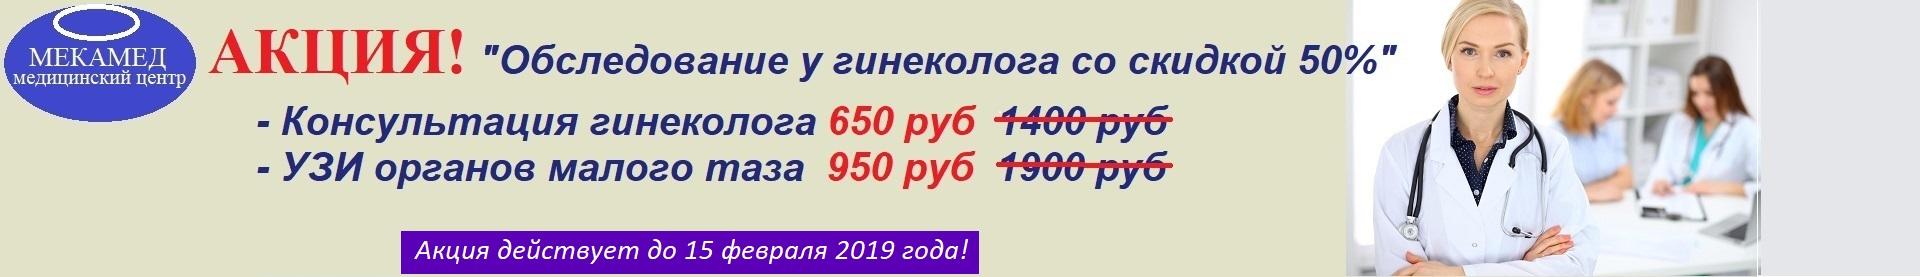 ginek150219